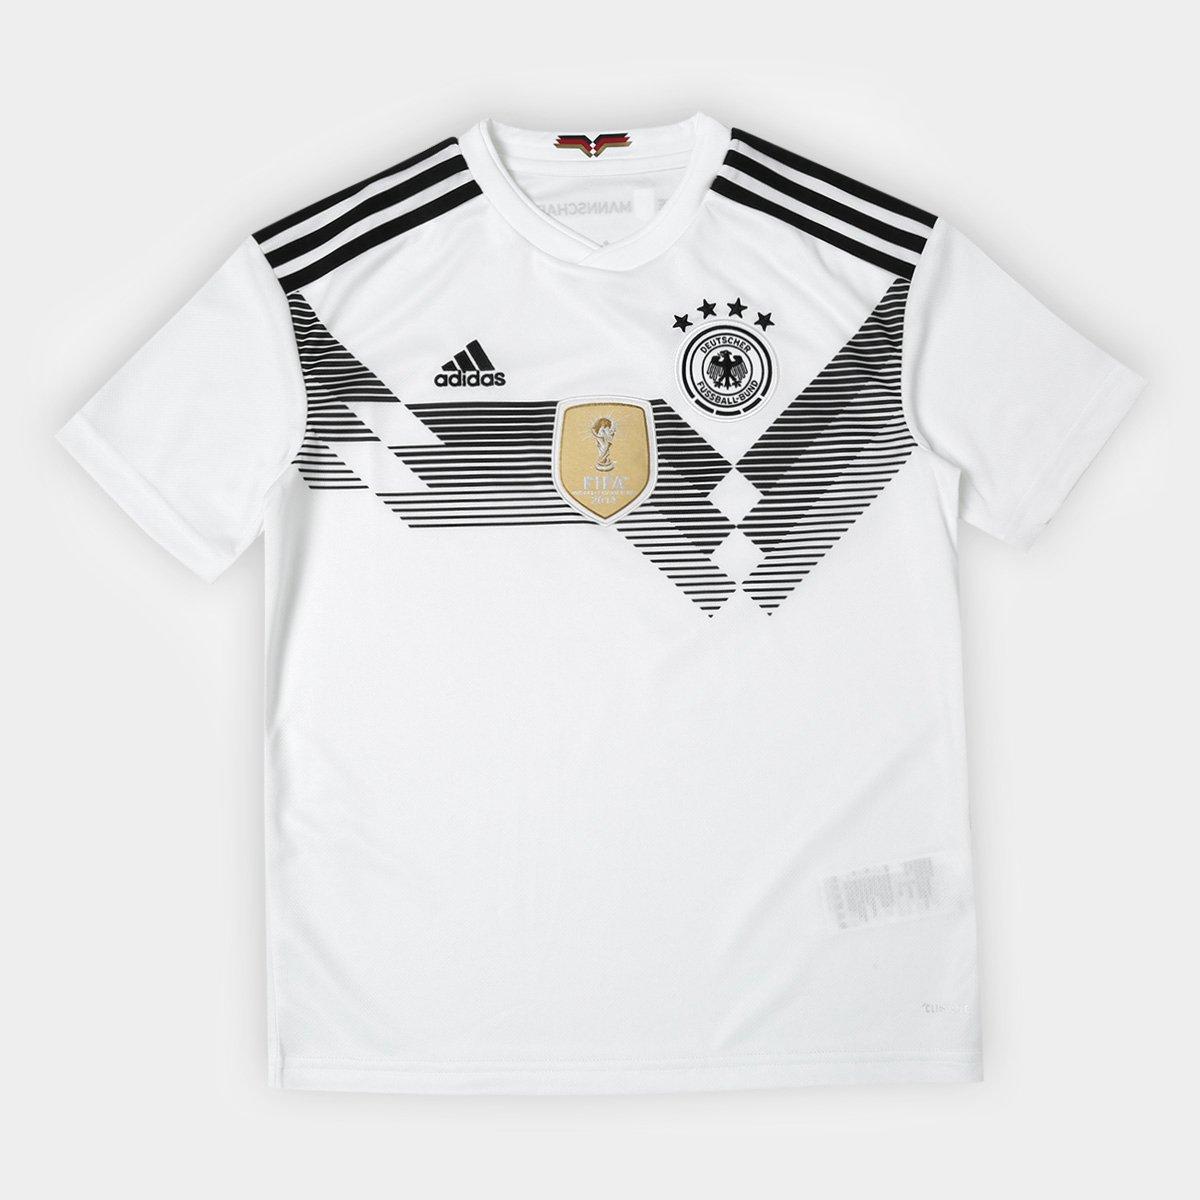 Adidas Home 2018 Seleção n° 11 Alemanha Reus Torcedor Camisa Branco Infantil wqCZ448